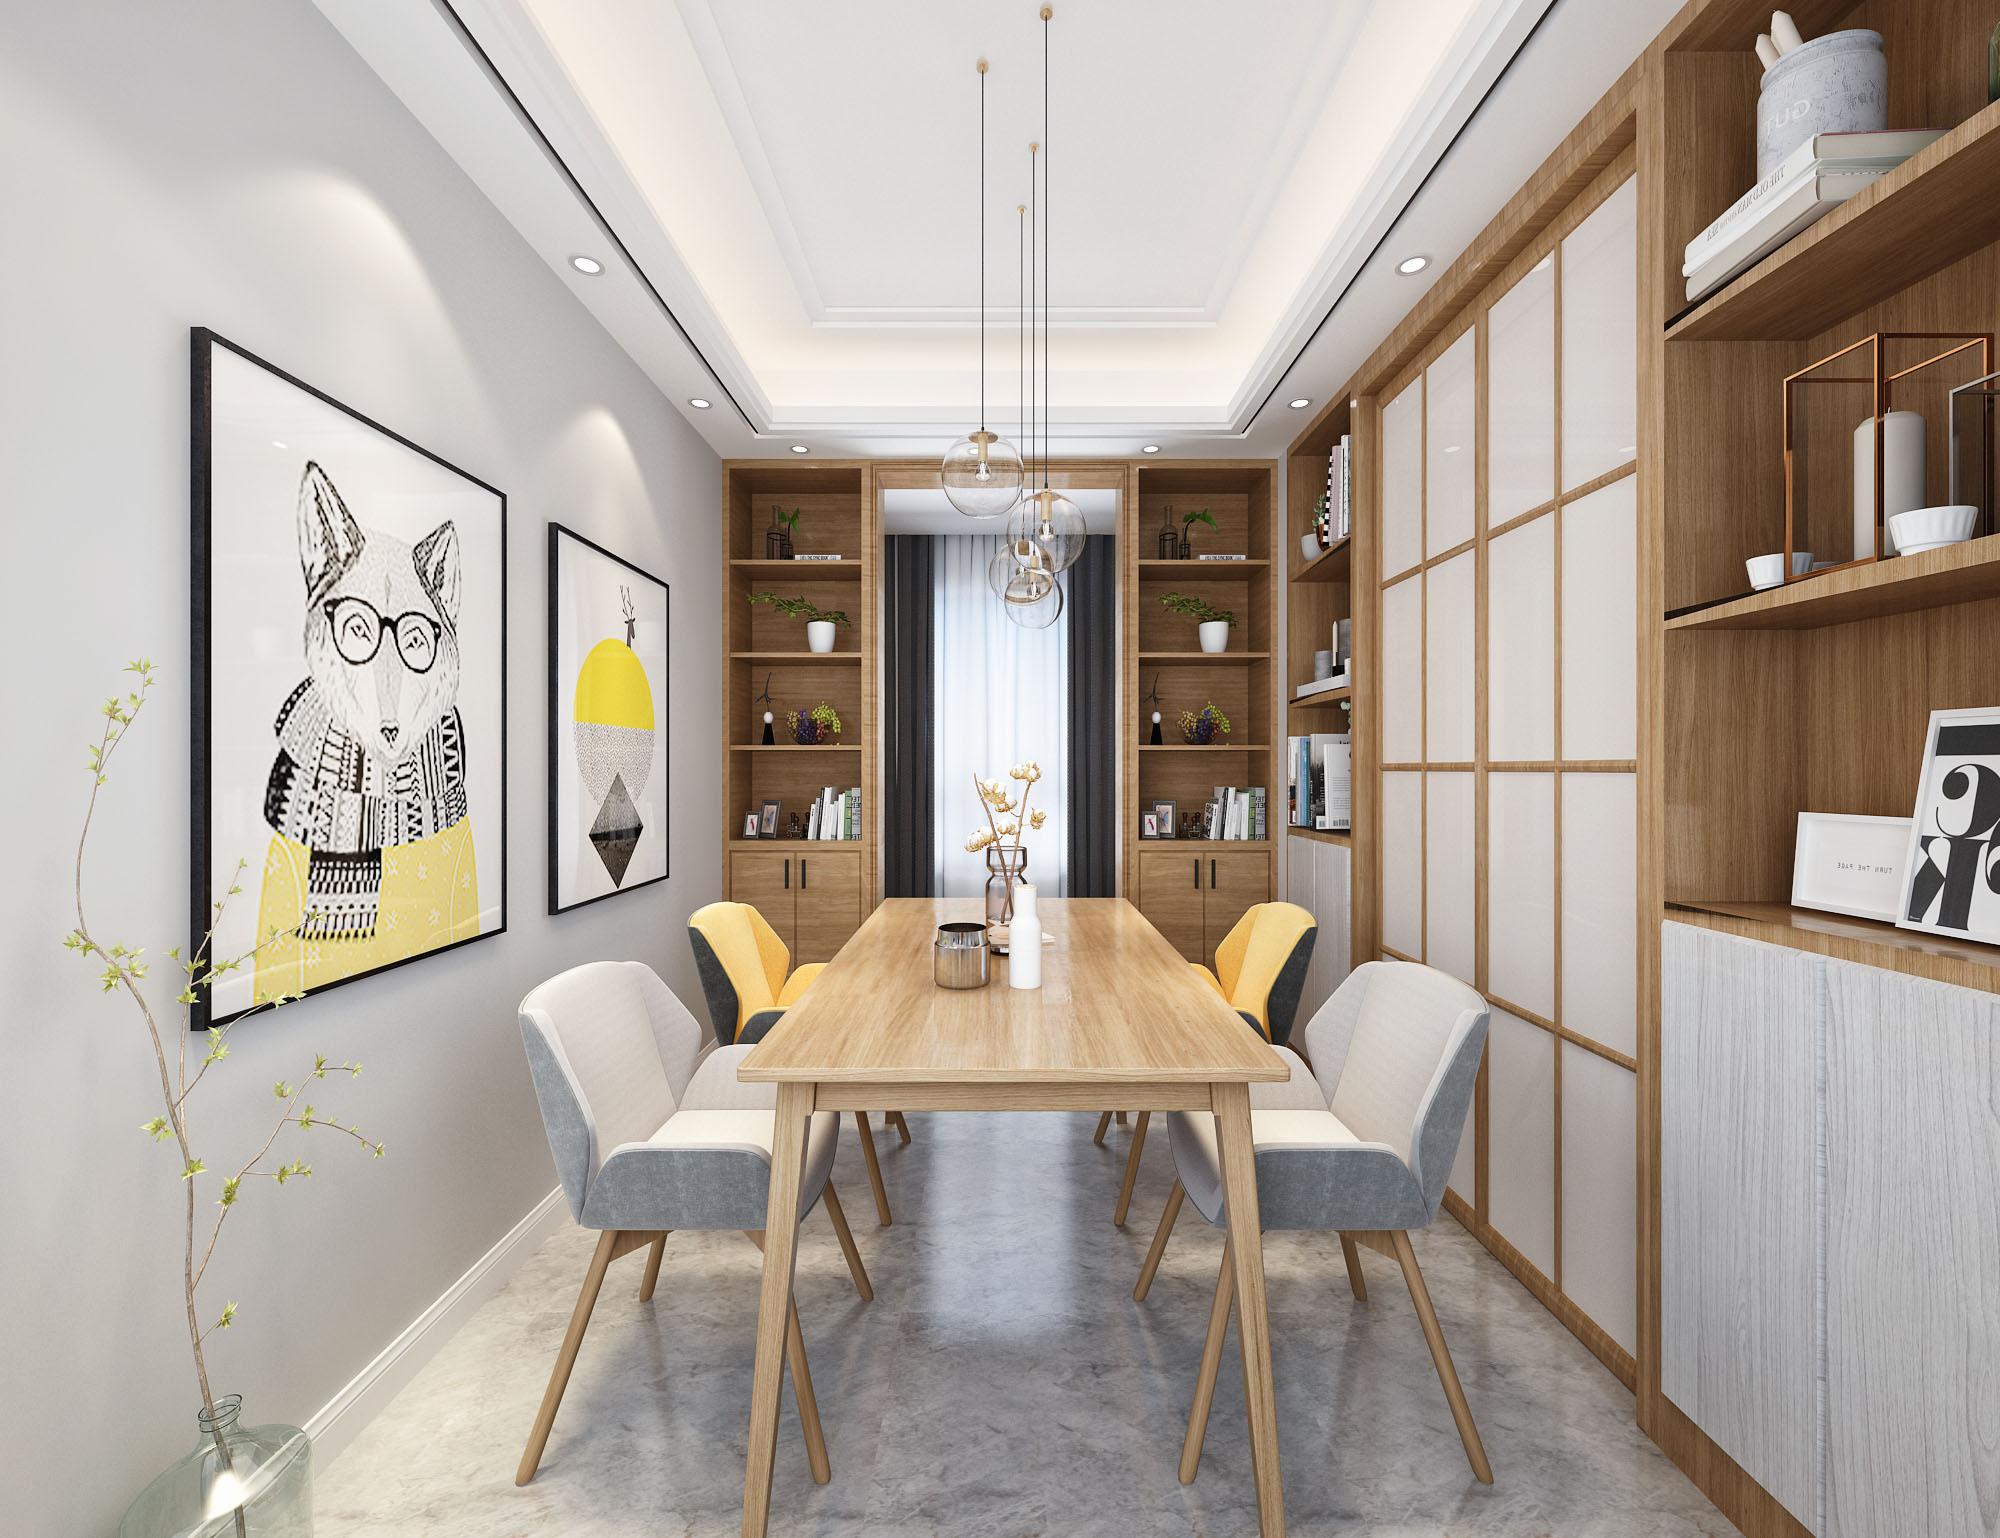 二居 餐厅图片来自云南俊雅装饰工程有限公司在餐厅装修设计的分享